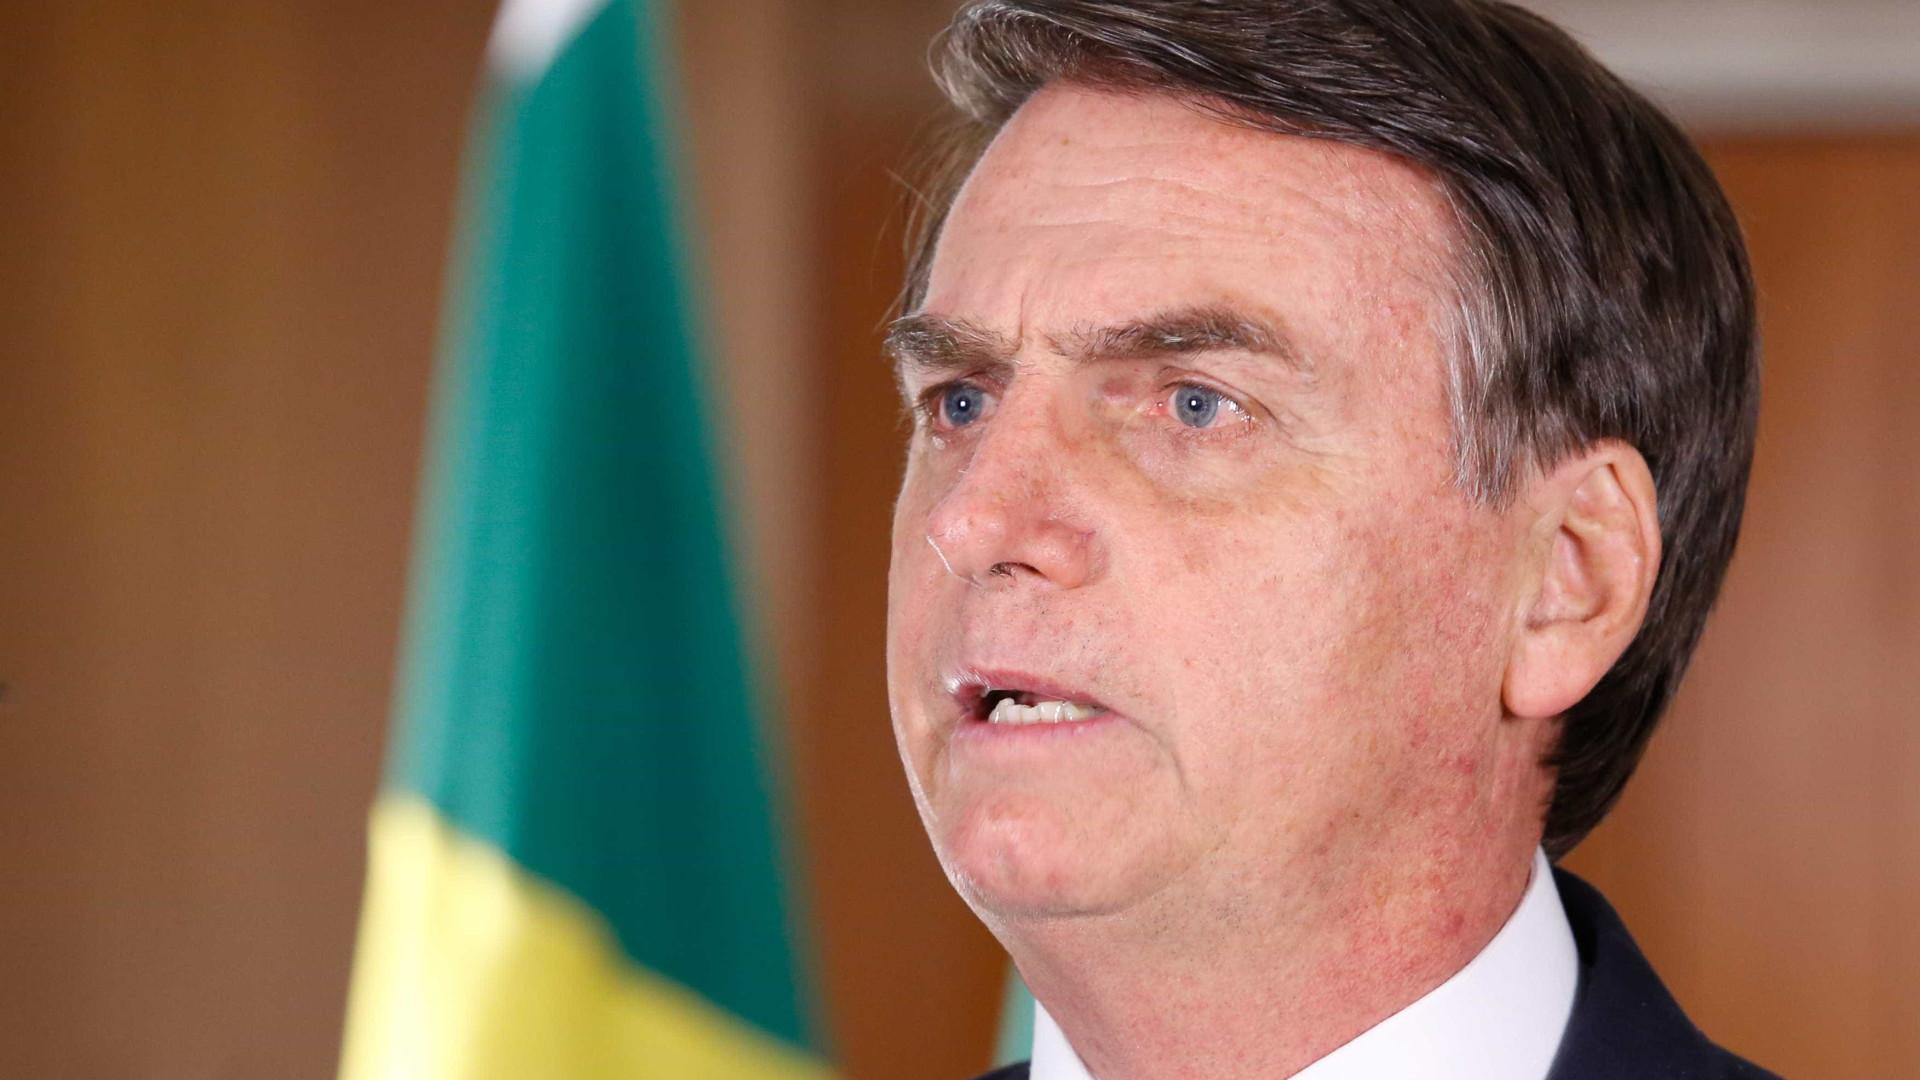 Cirurgia de Bolsonaro exigirá pagamento inédito por hospital militar